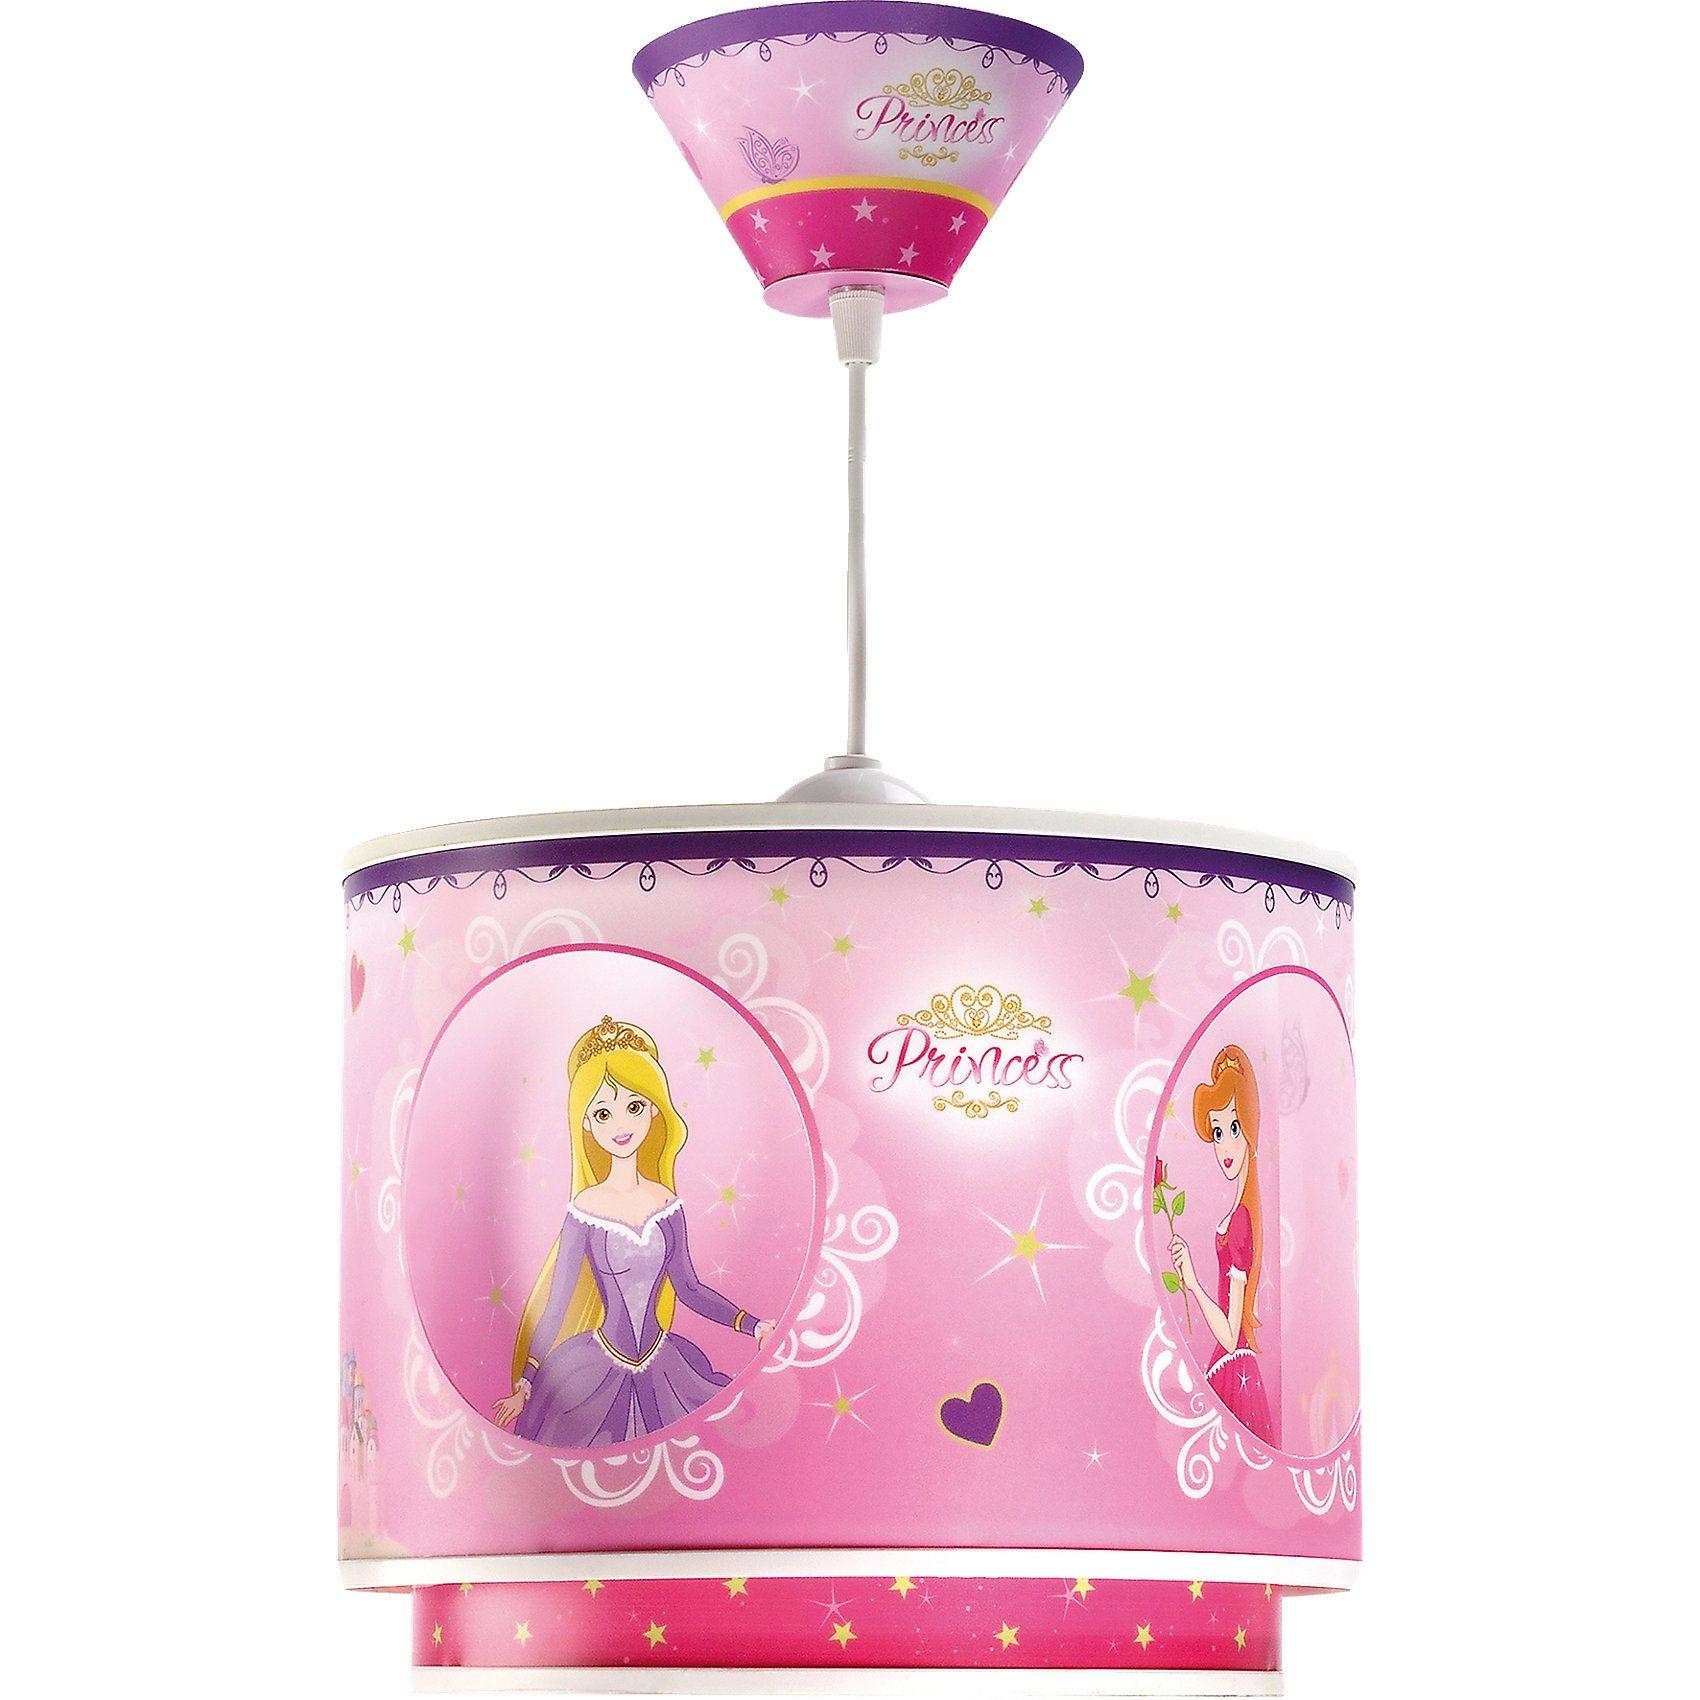 Dalber Hängelampe Prinzessin, pink